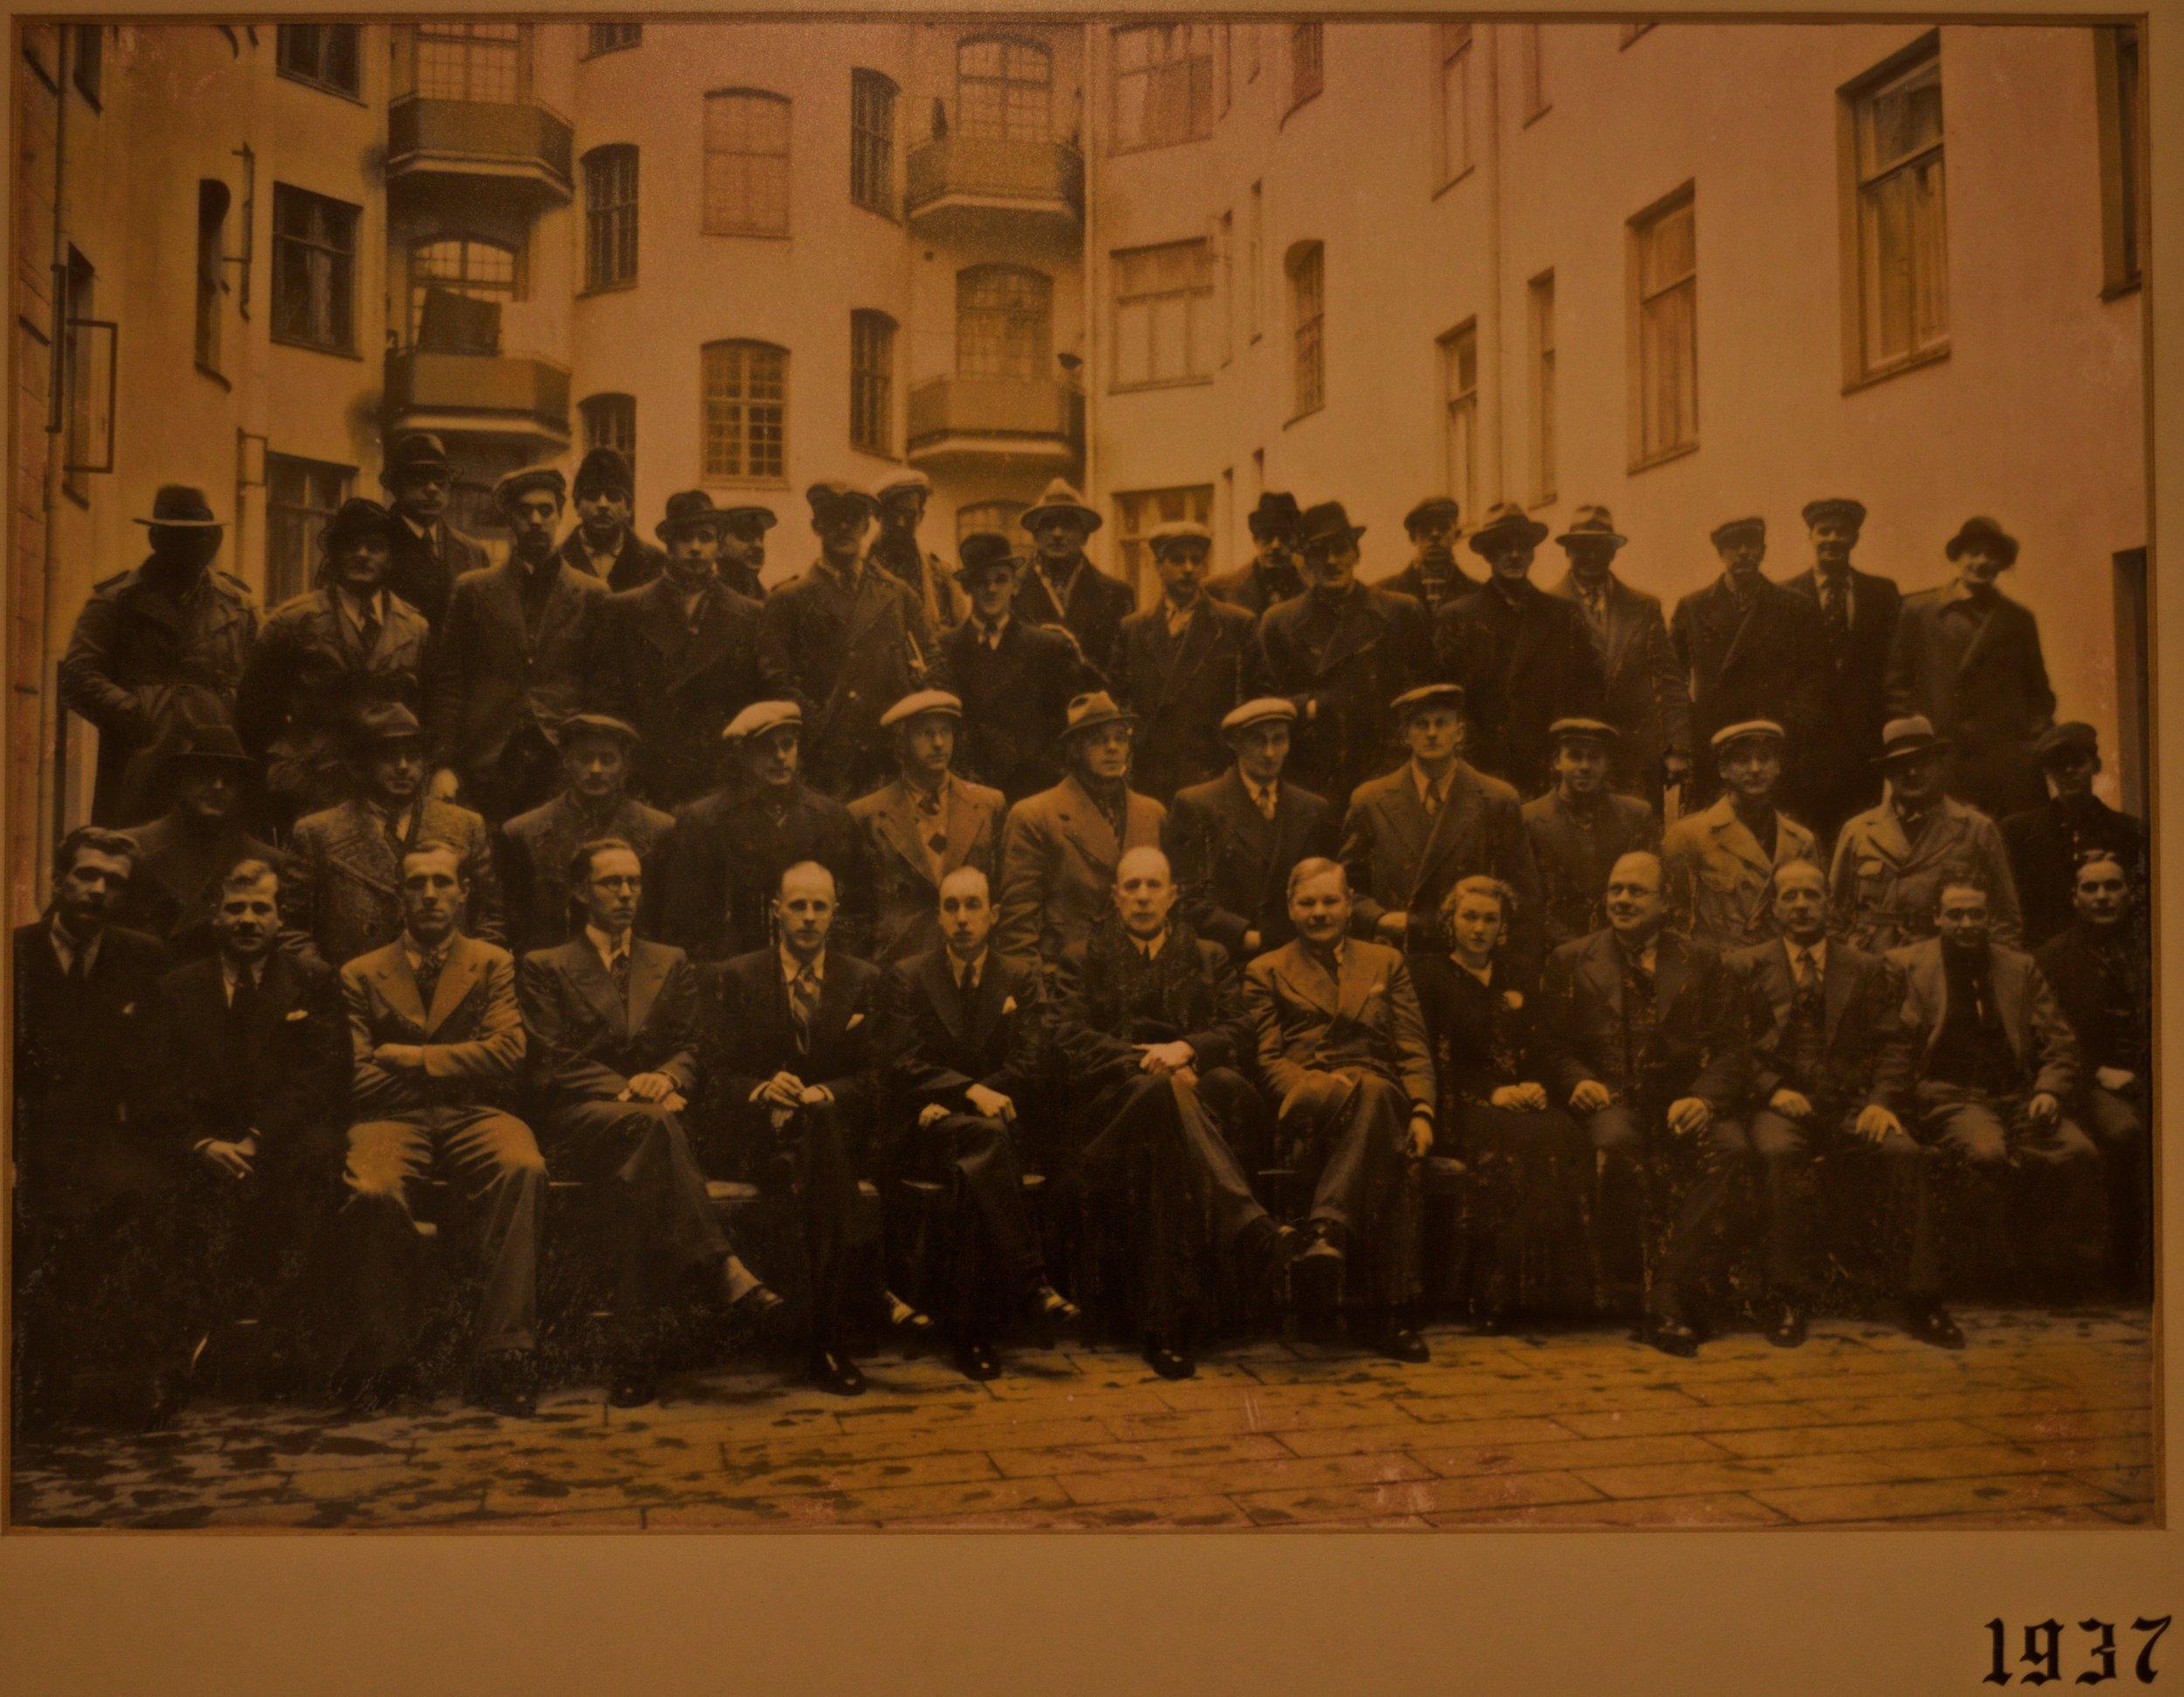 Montörer och tjänstemän på Rhodin & Eklund El & Tele AB år 1937.